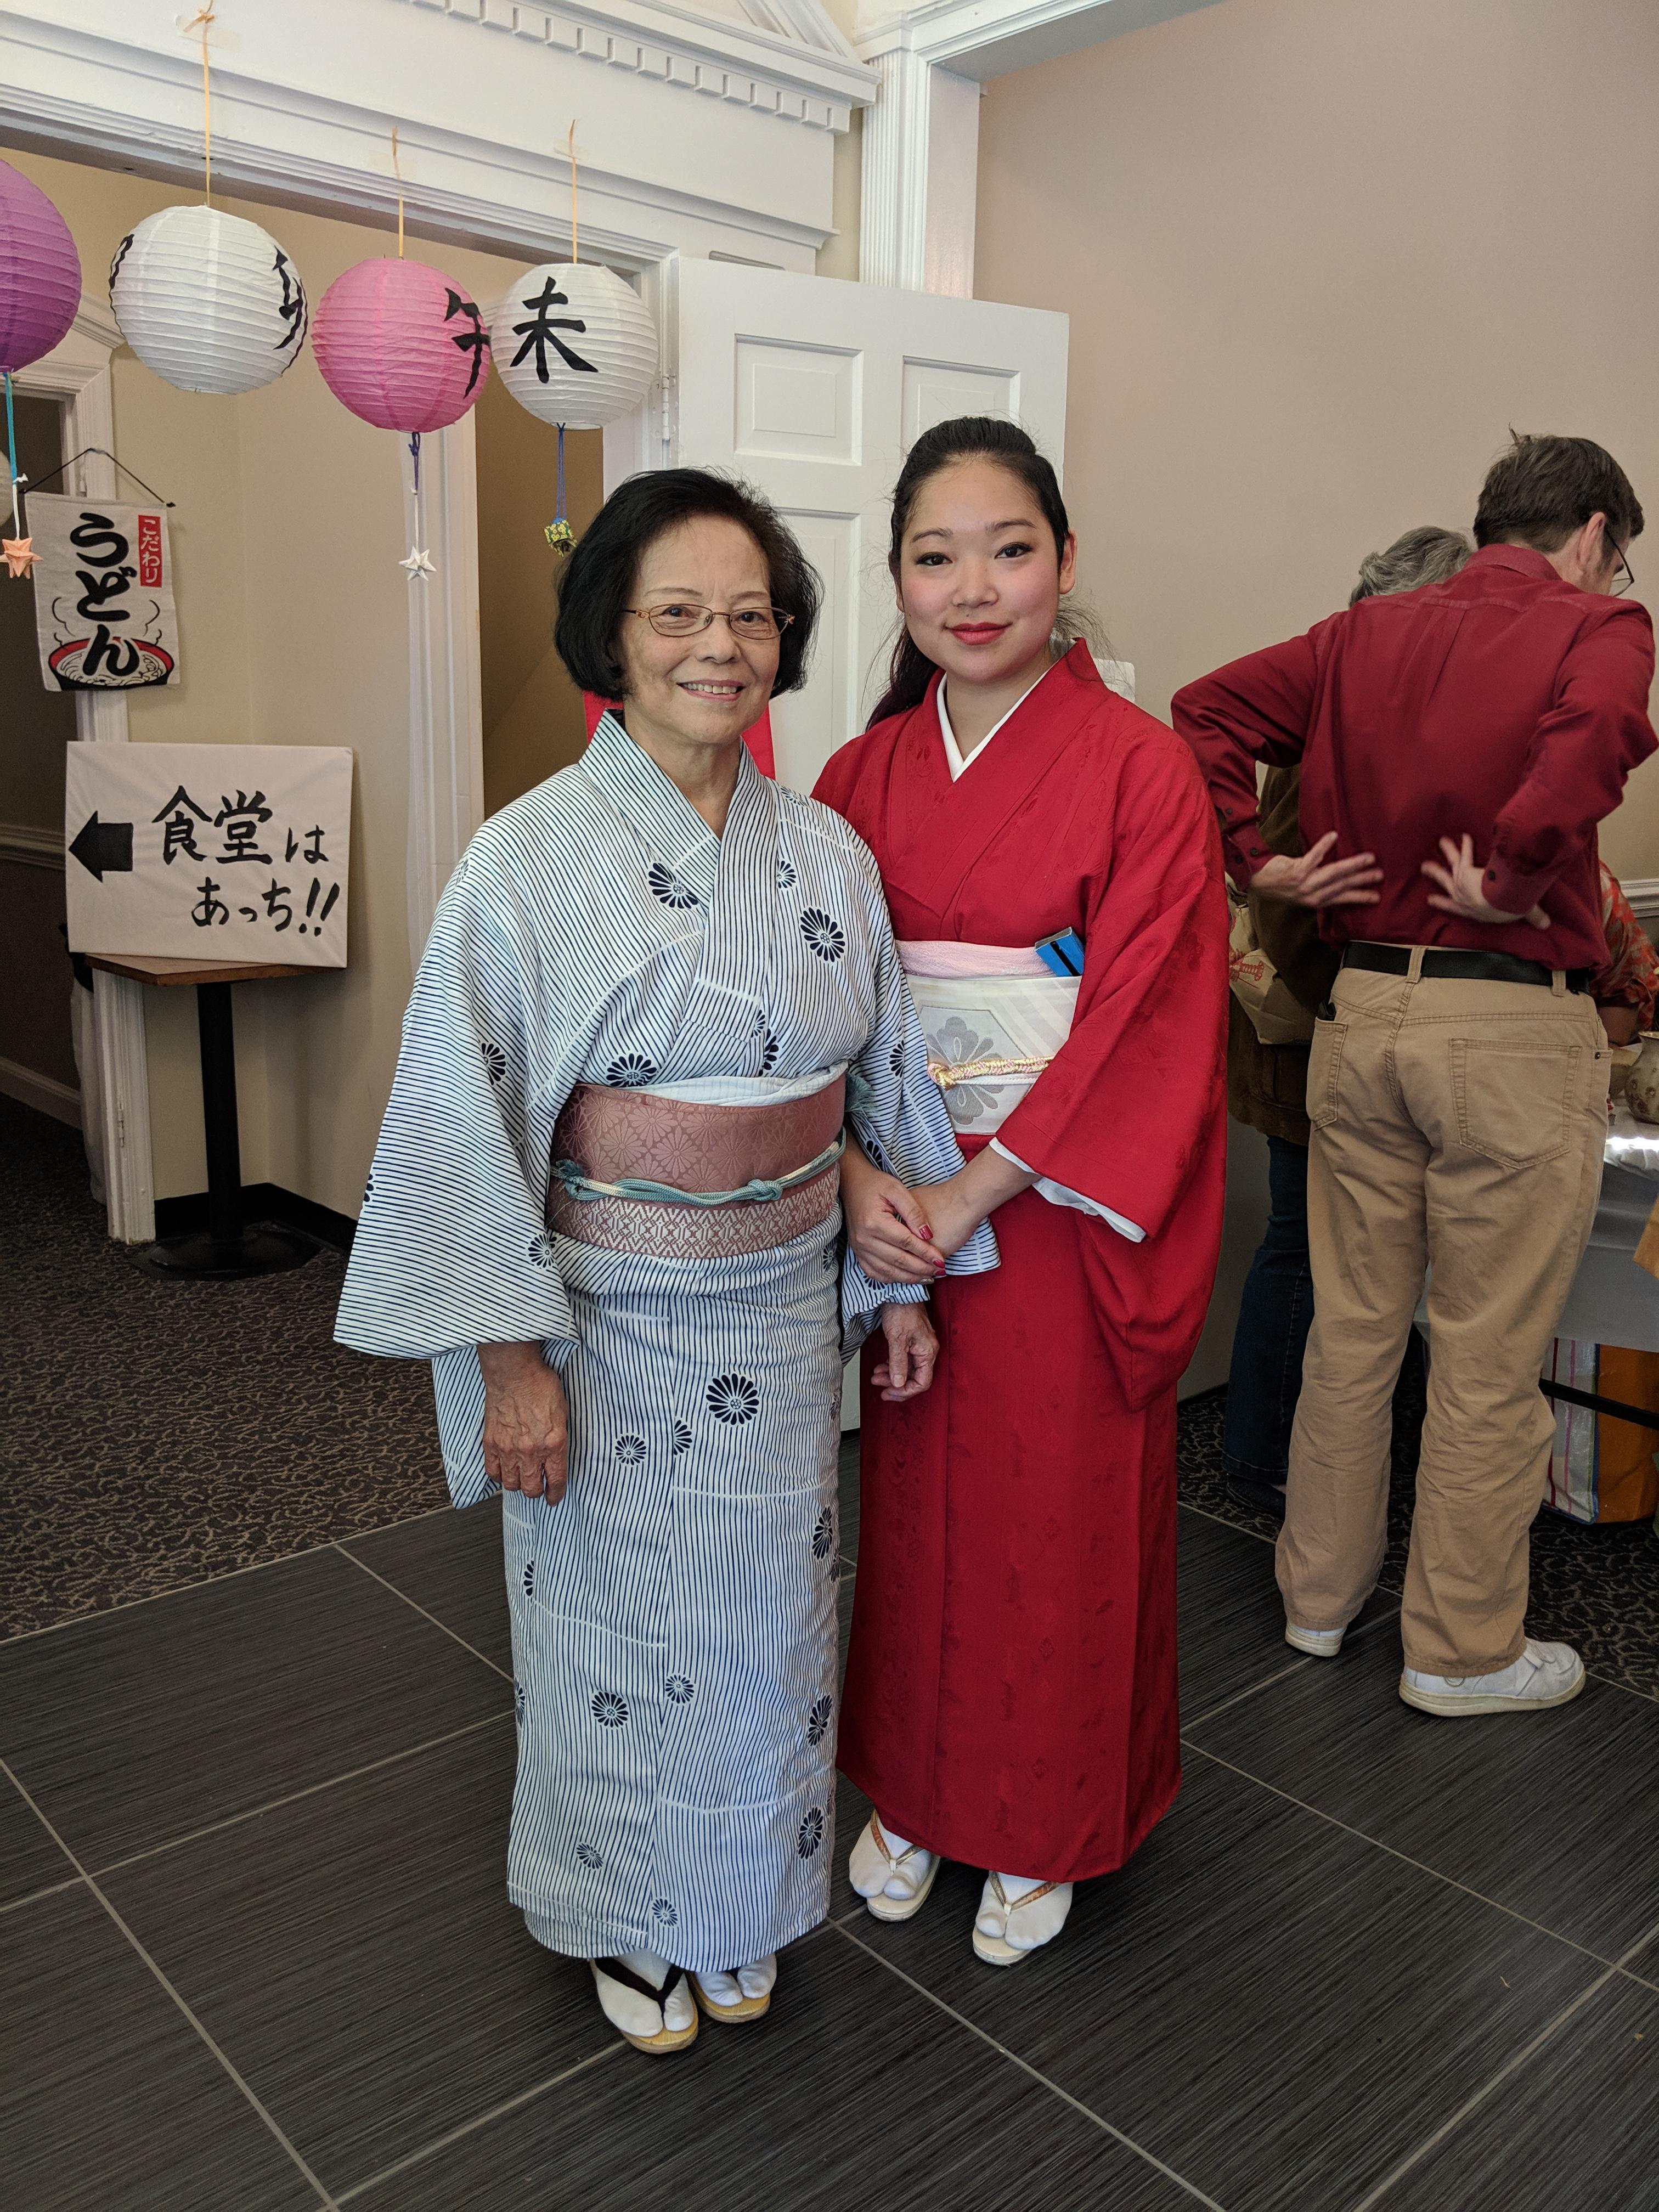 Onoe Kikuyuki and Onoe Erika